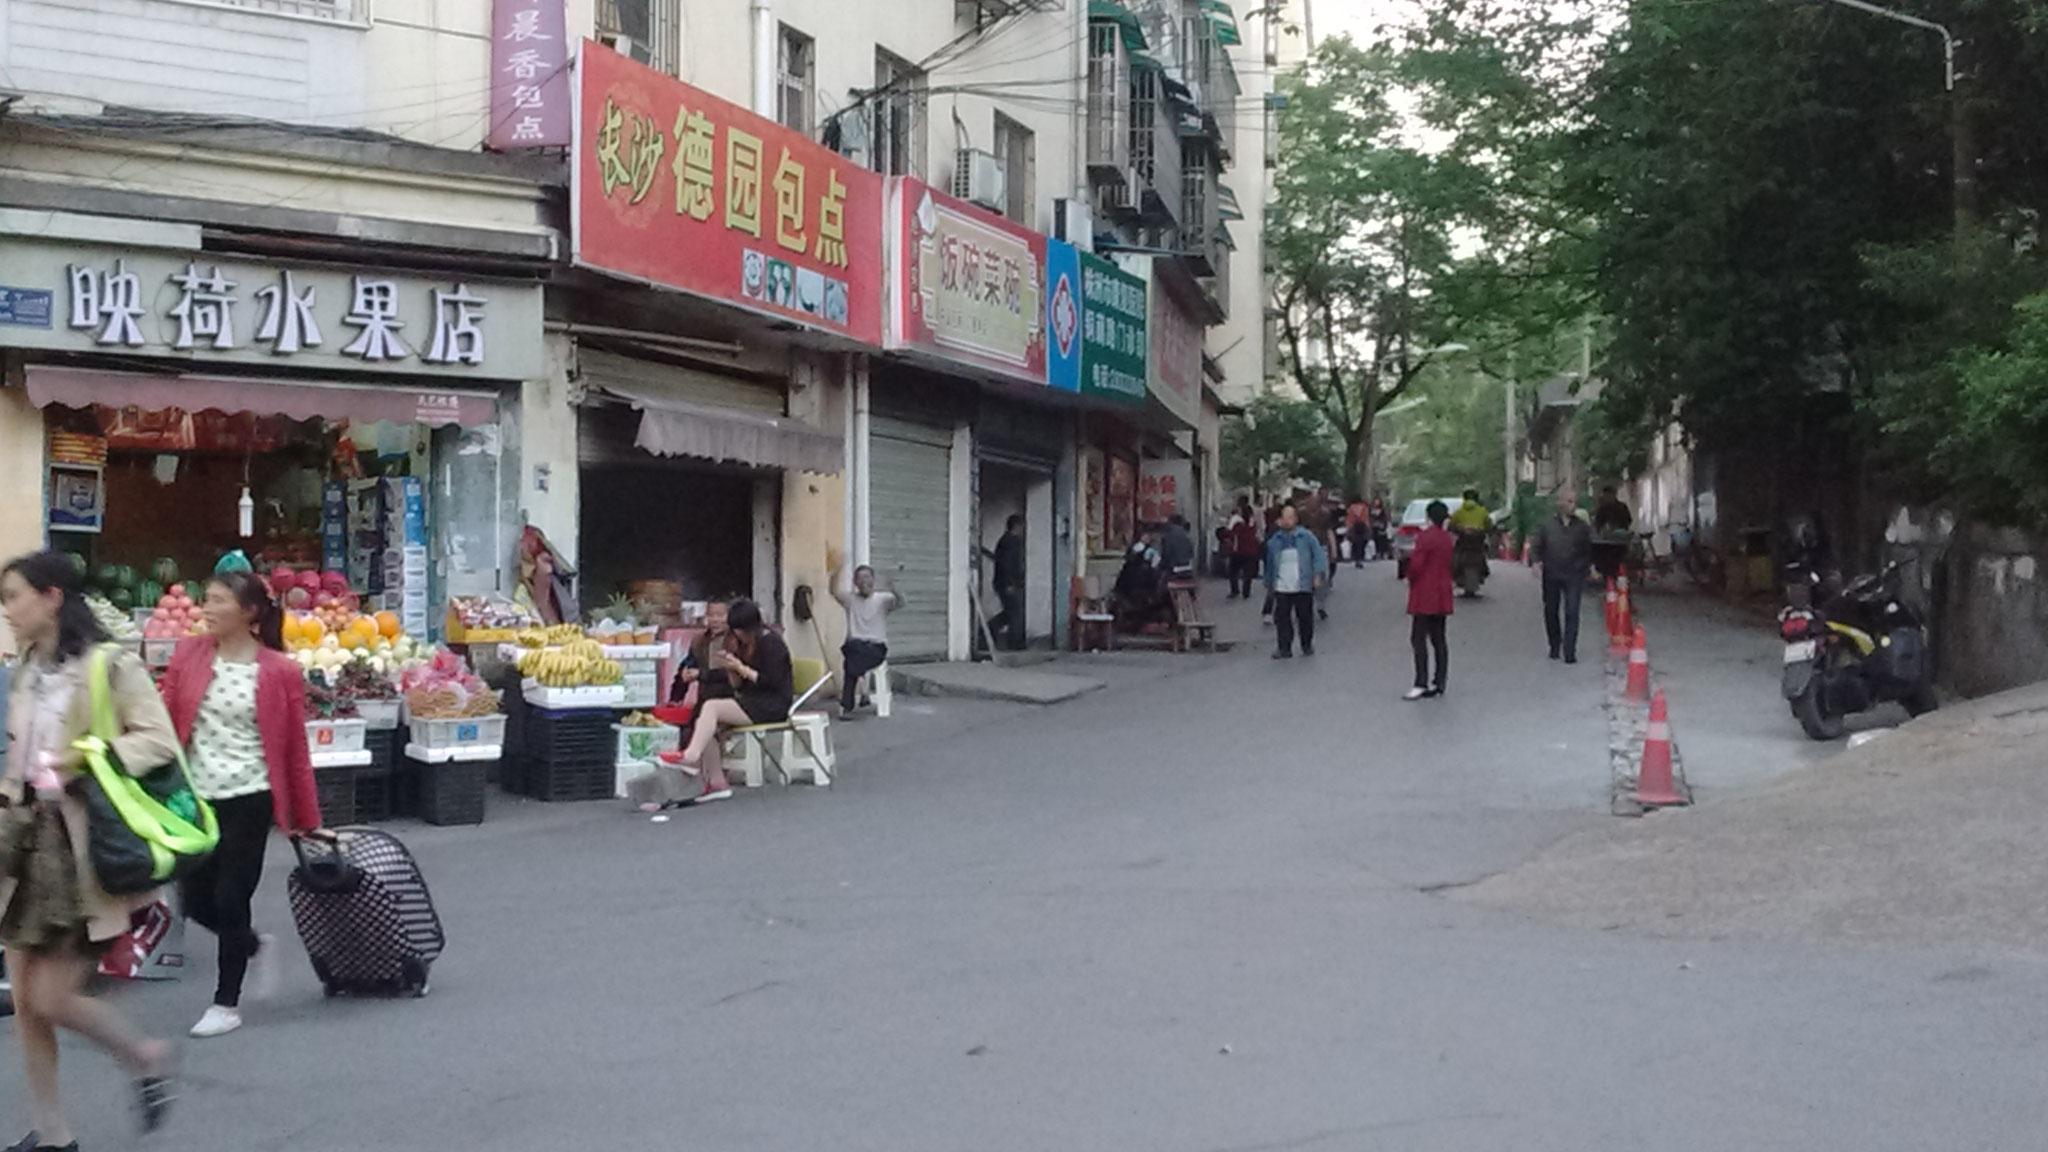 Zhuzhou - in der Nähe der Schule. Hinten winkt fröhlich der Bautse Verkäufer.